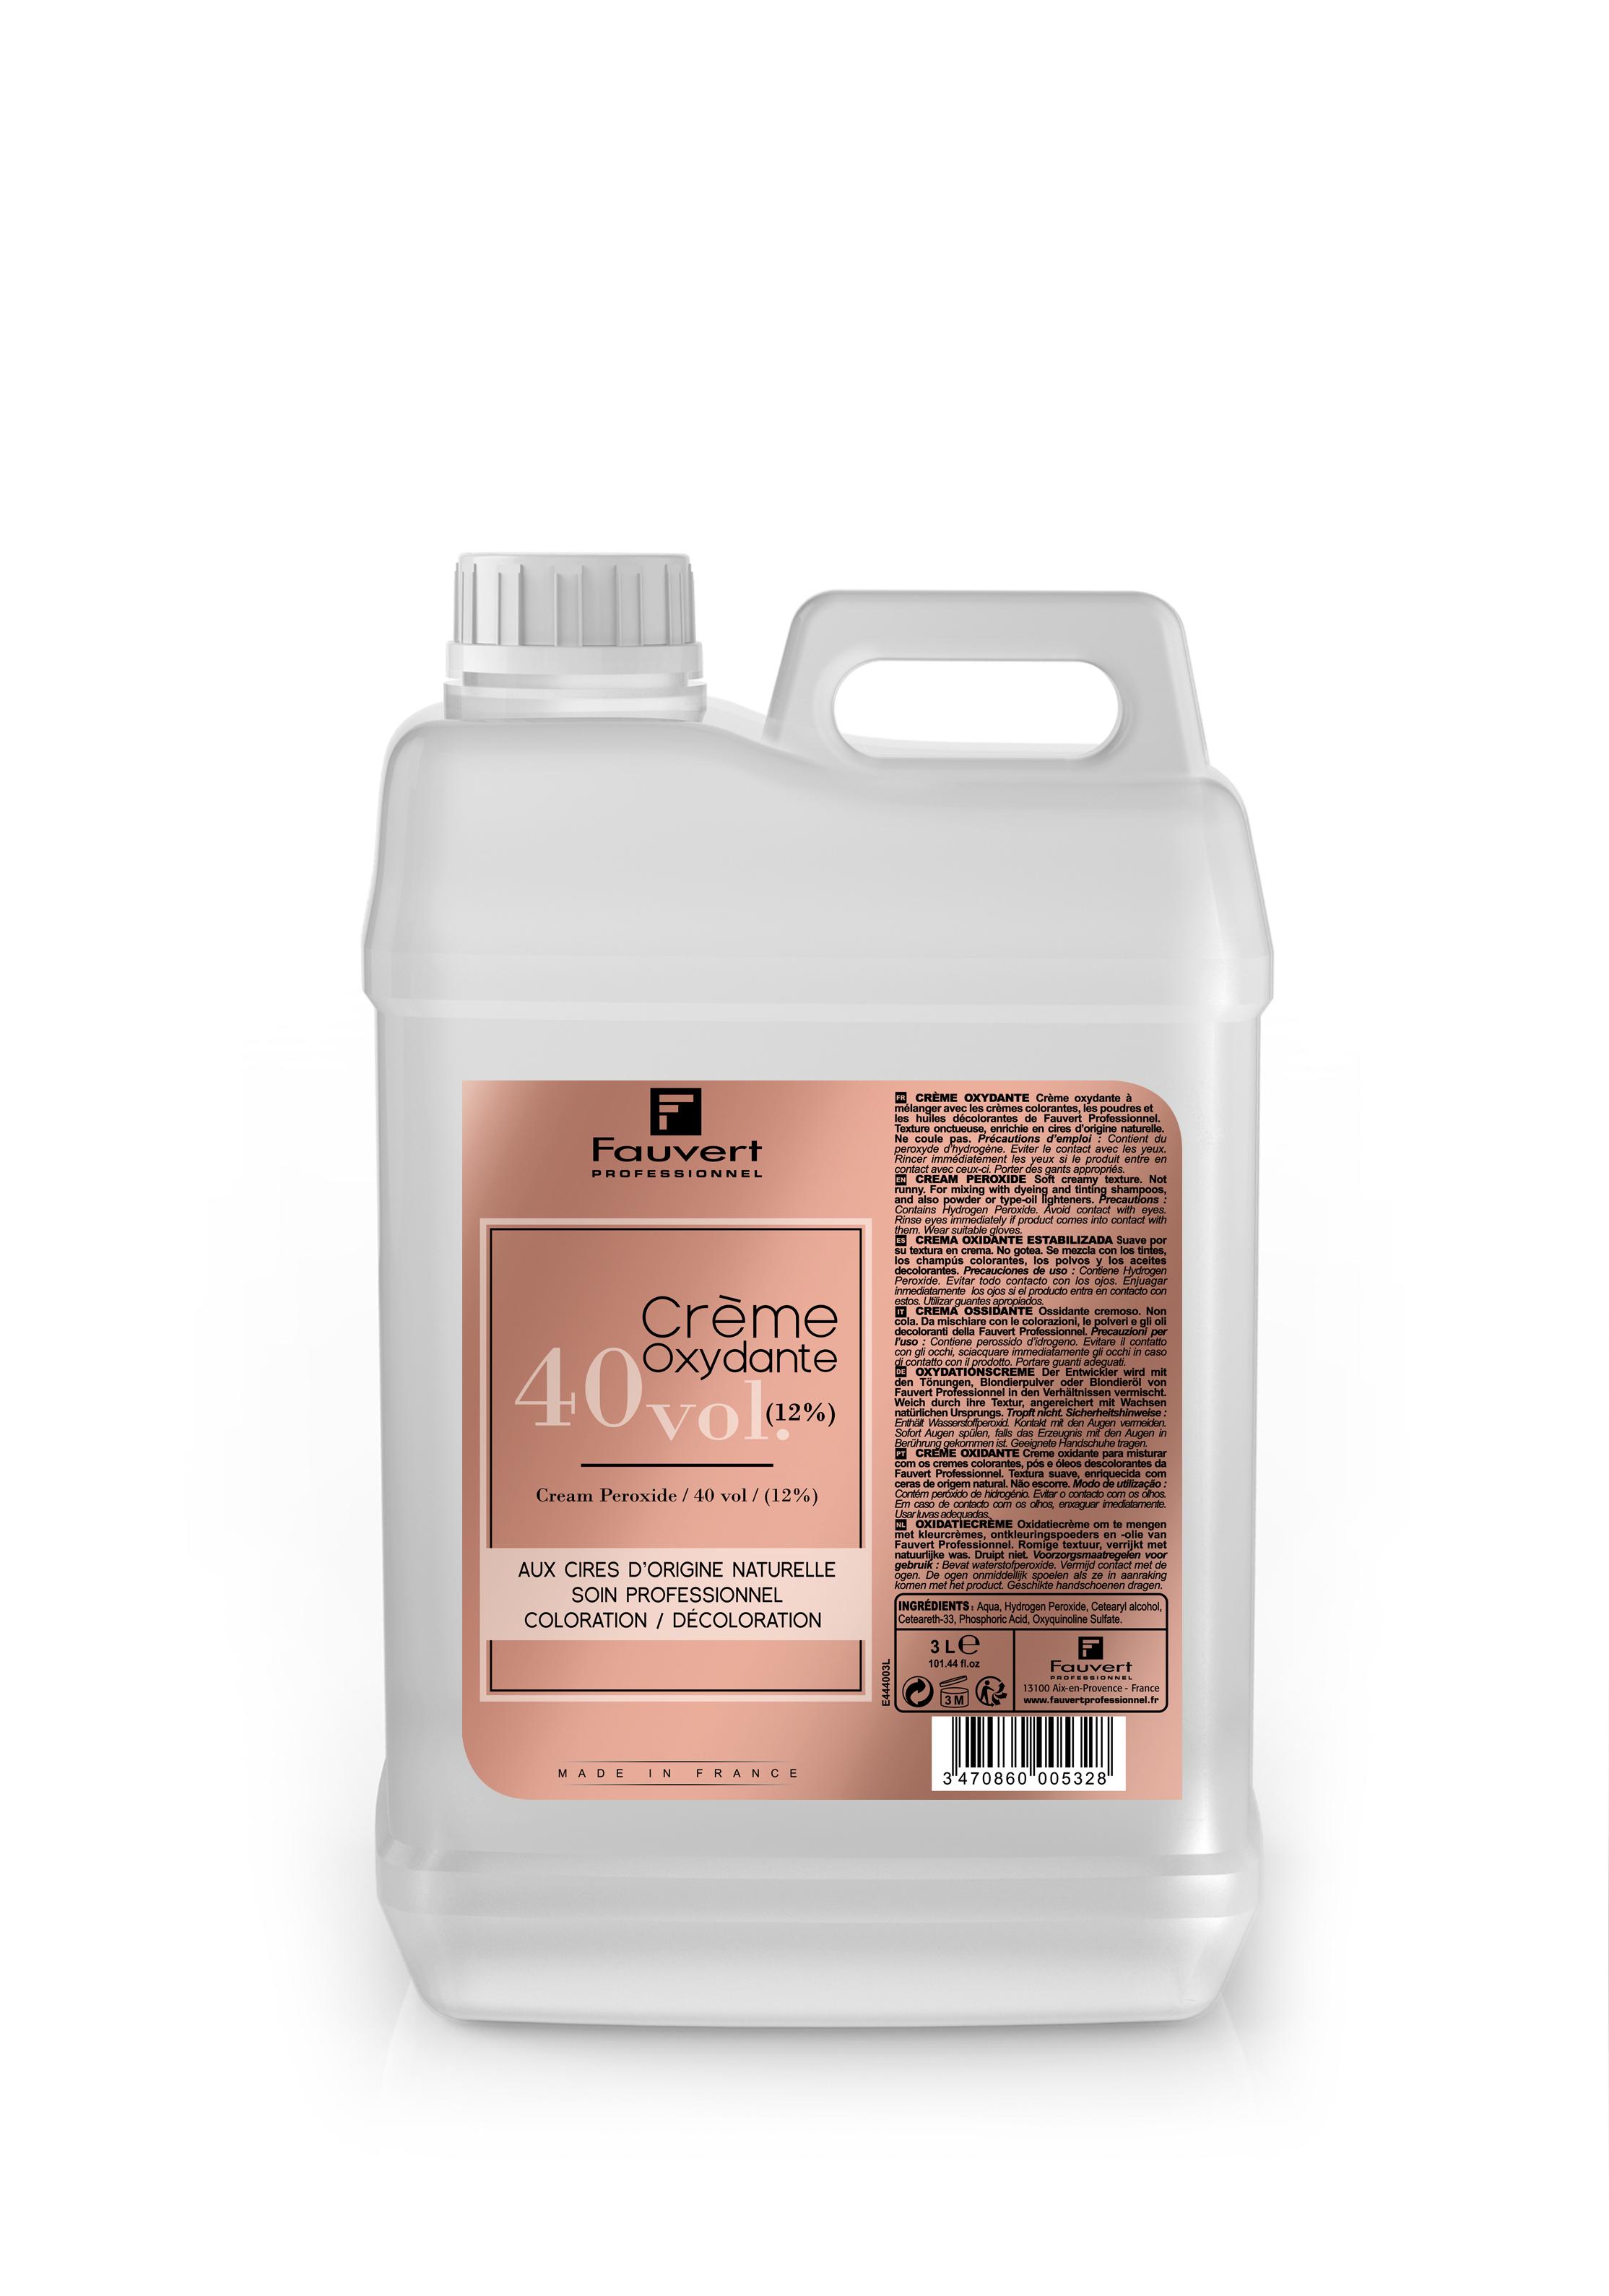 Oxydant – 12% - 3000ml